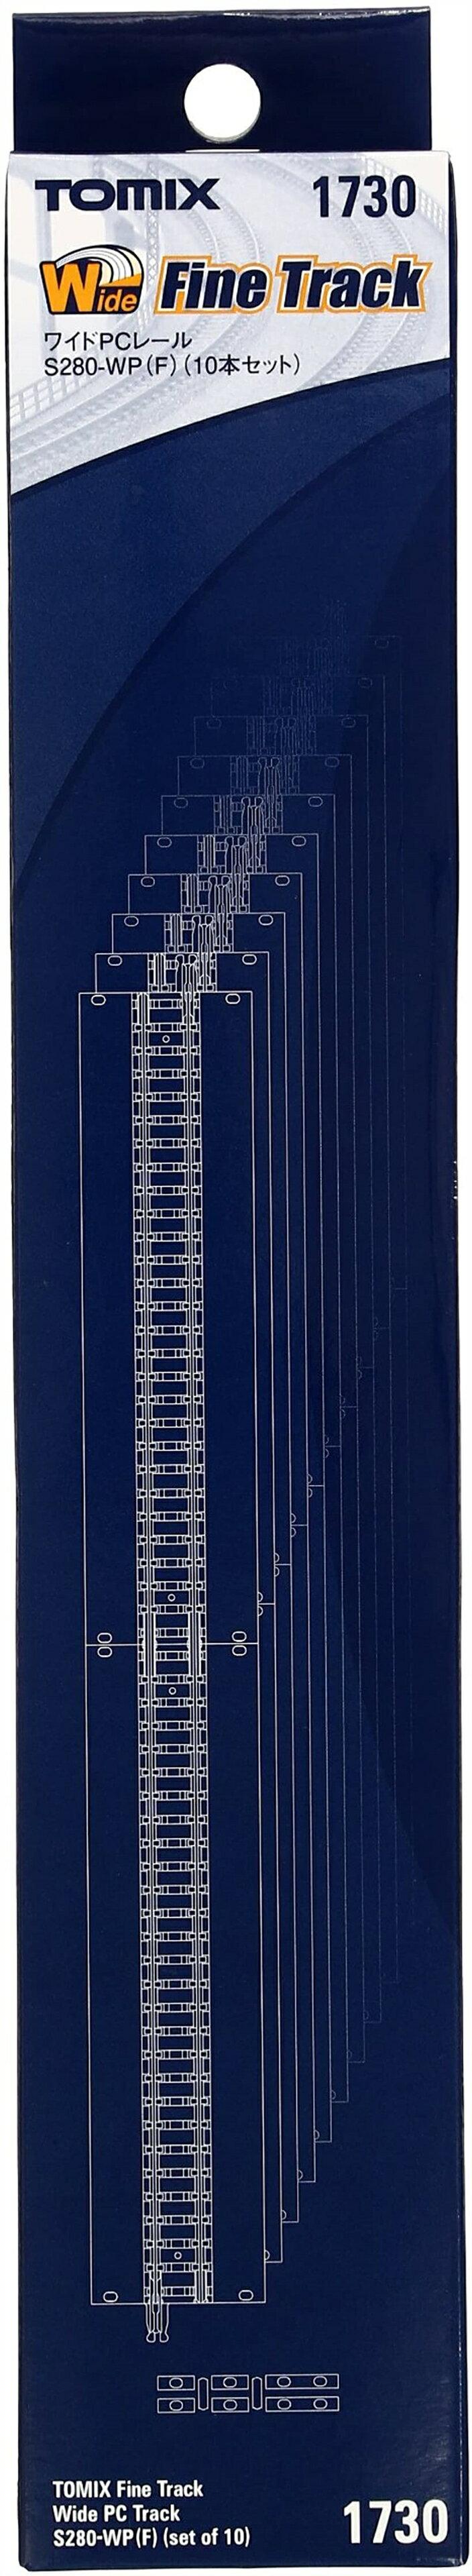 TOMIX Nゲージ ワイドPCレール S280-WP F 10本セット 1730 鉄道模型用品